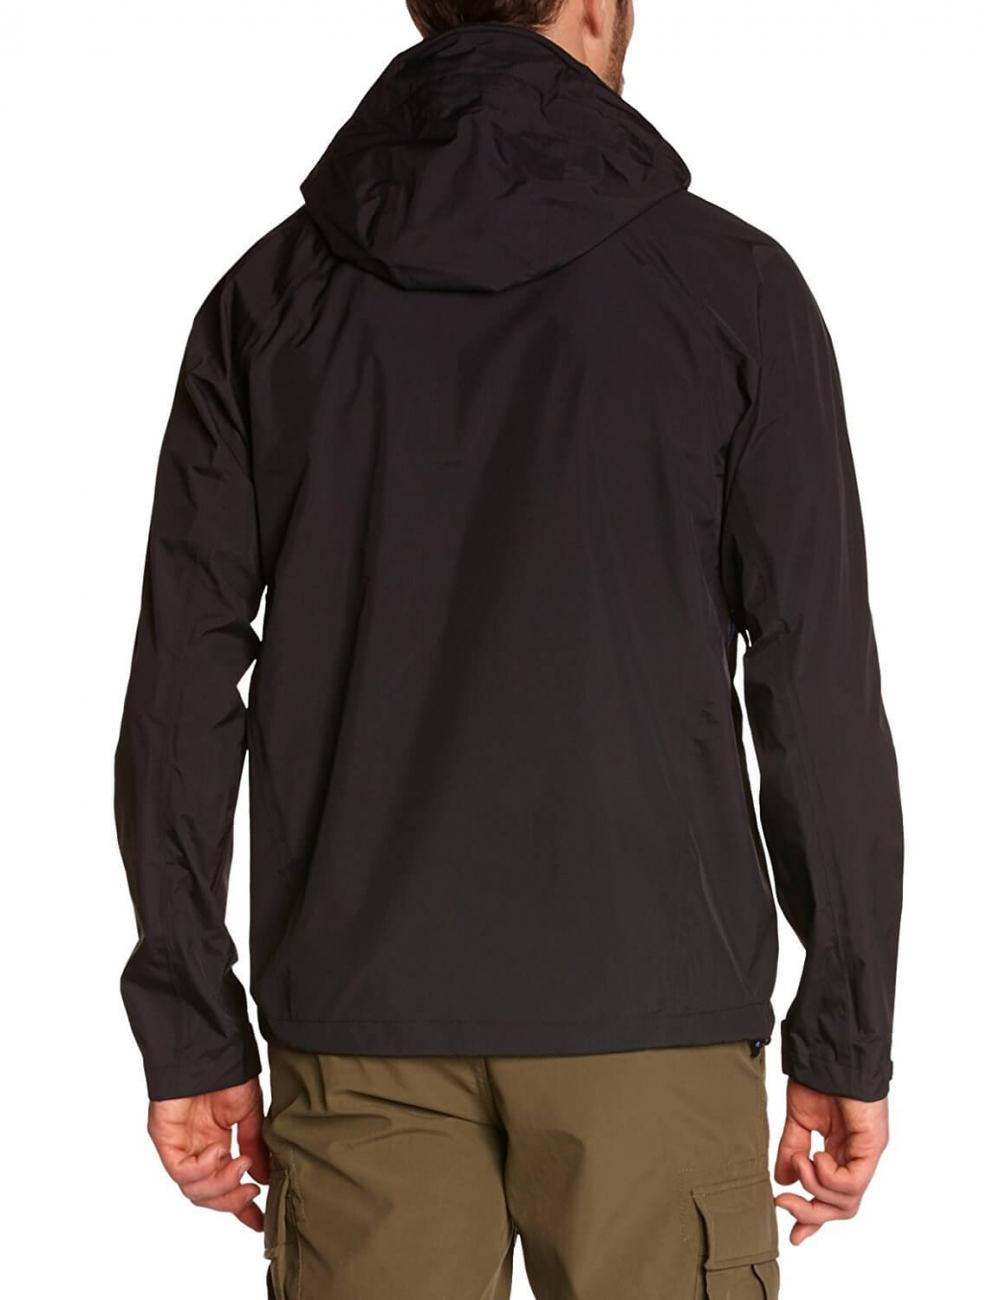 Куртка MILLET Fitz Roy jacket (размер S) - 2